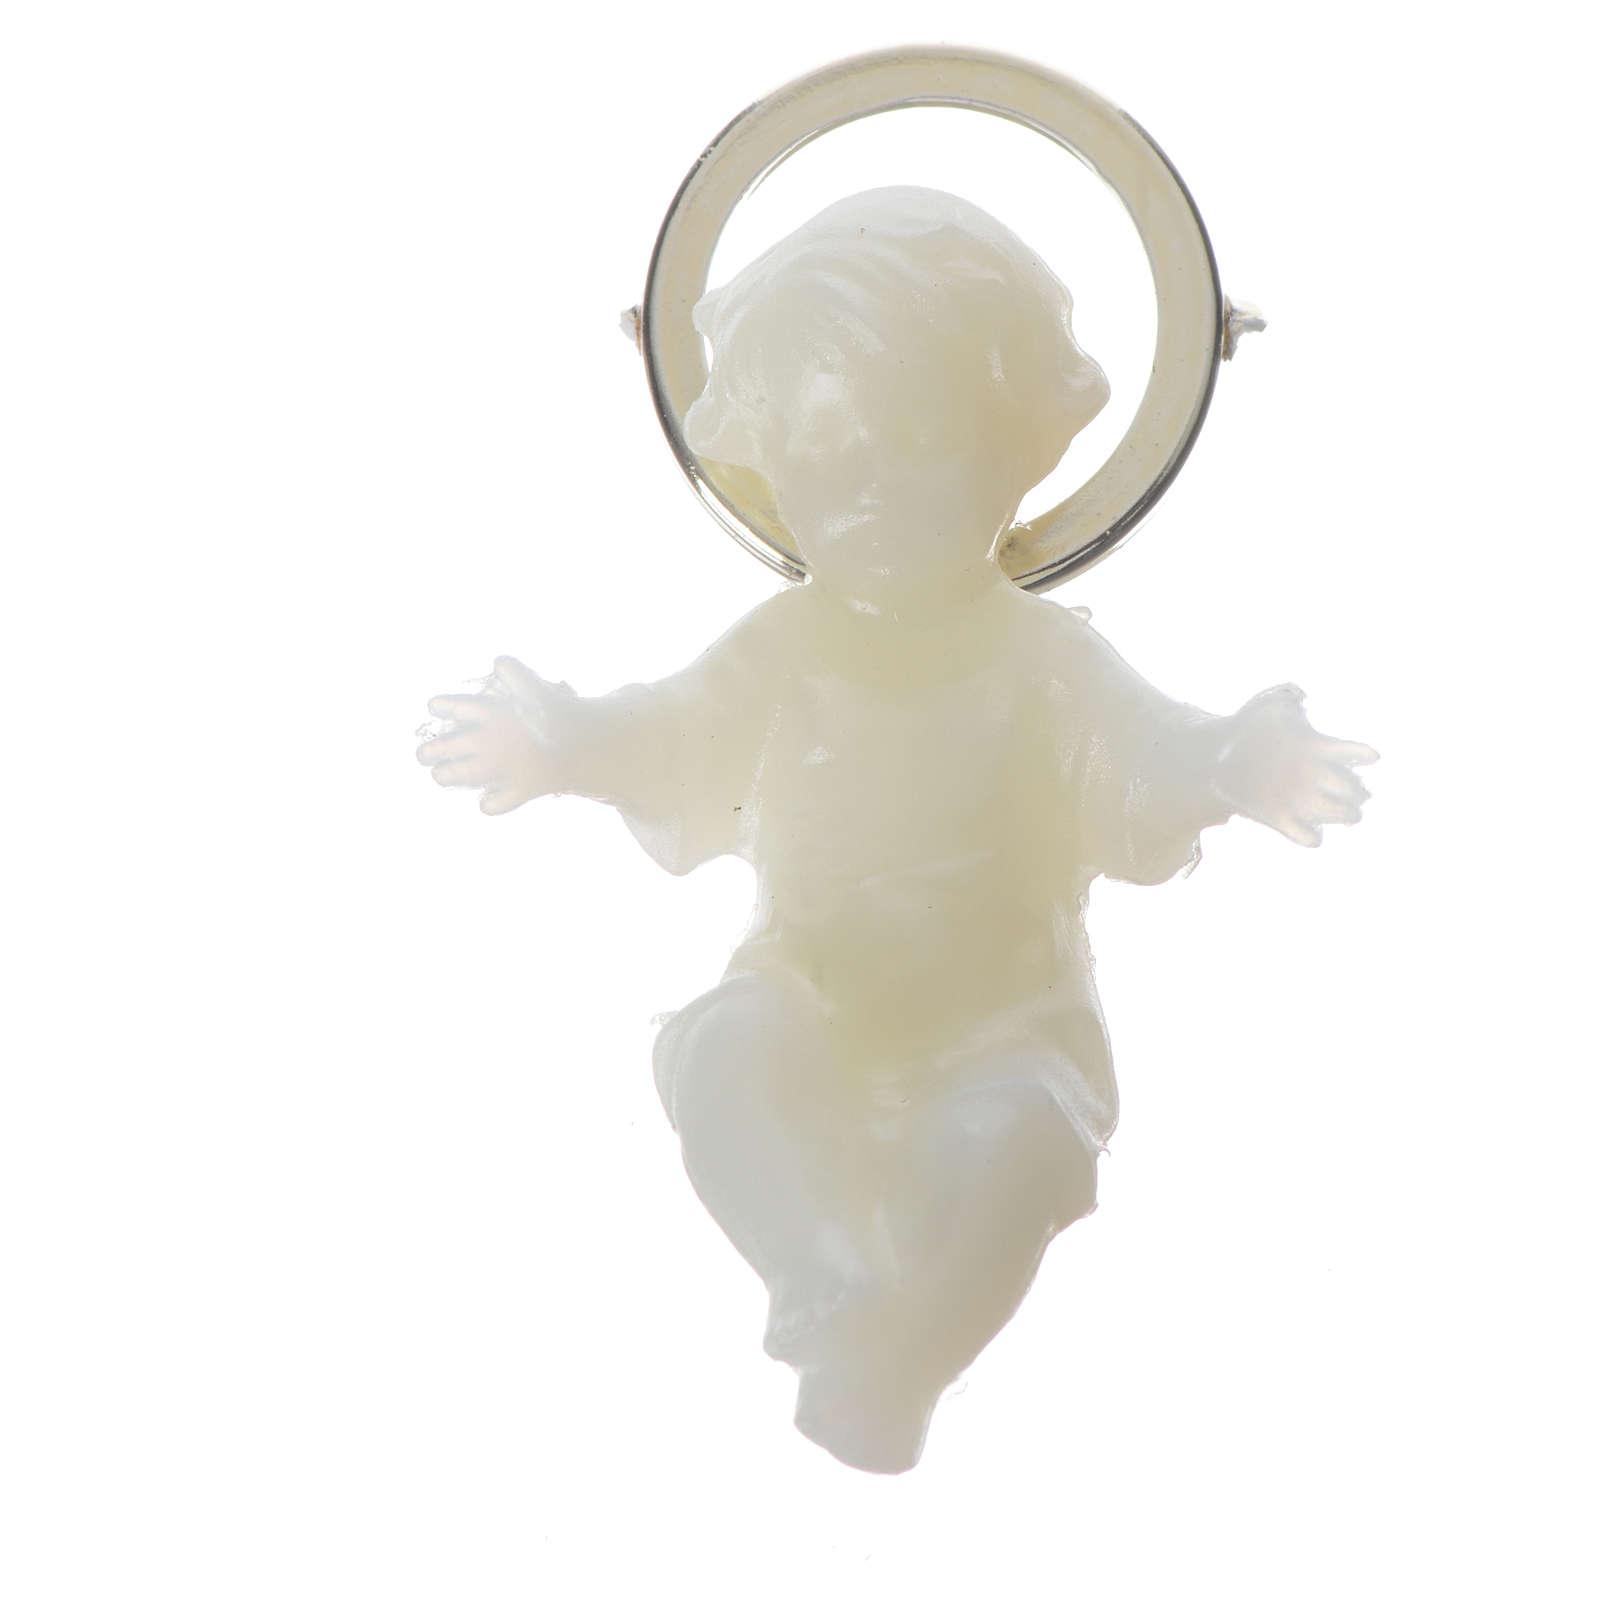 Fluoriszierendes Christkind goldenen Heiligenschein 4cm 3